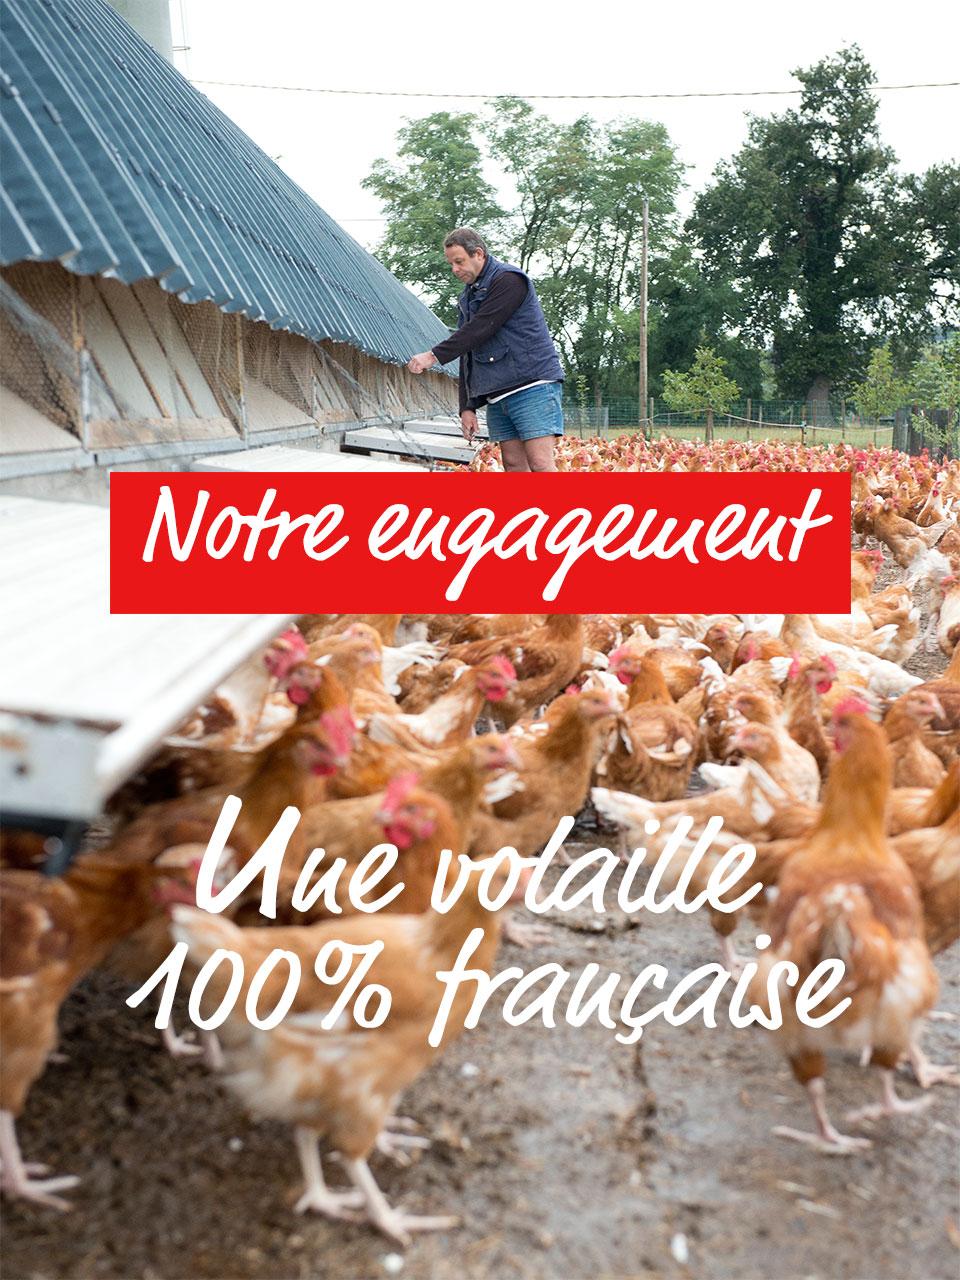 Les engagements d'Allier volailles volailler en Auvergne depuis 1894